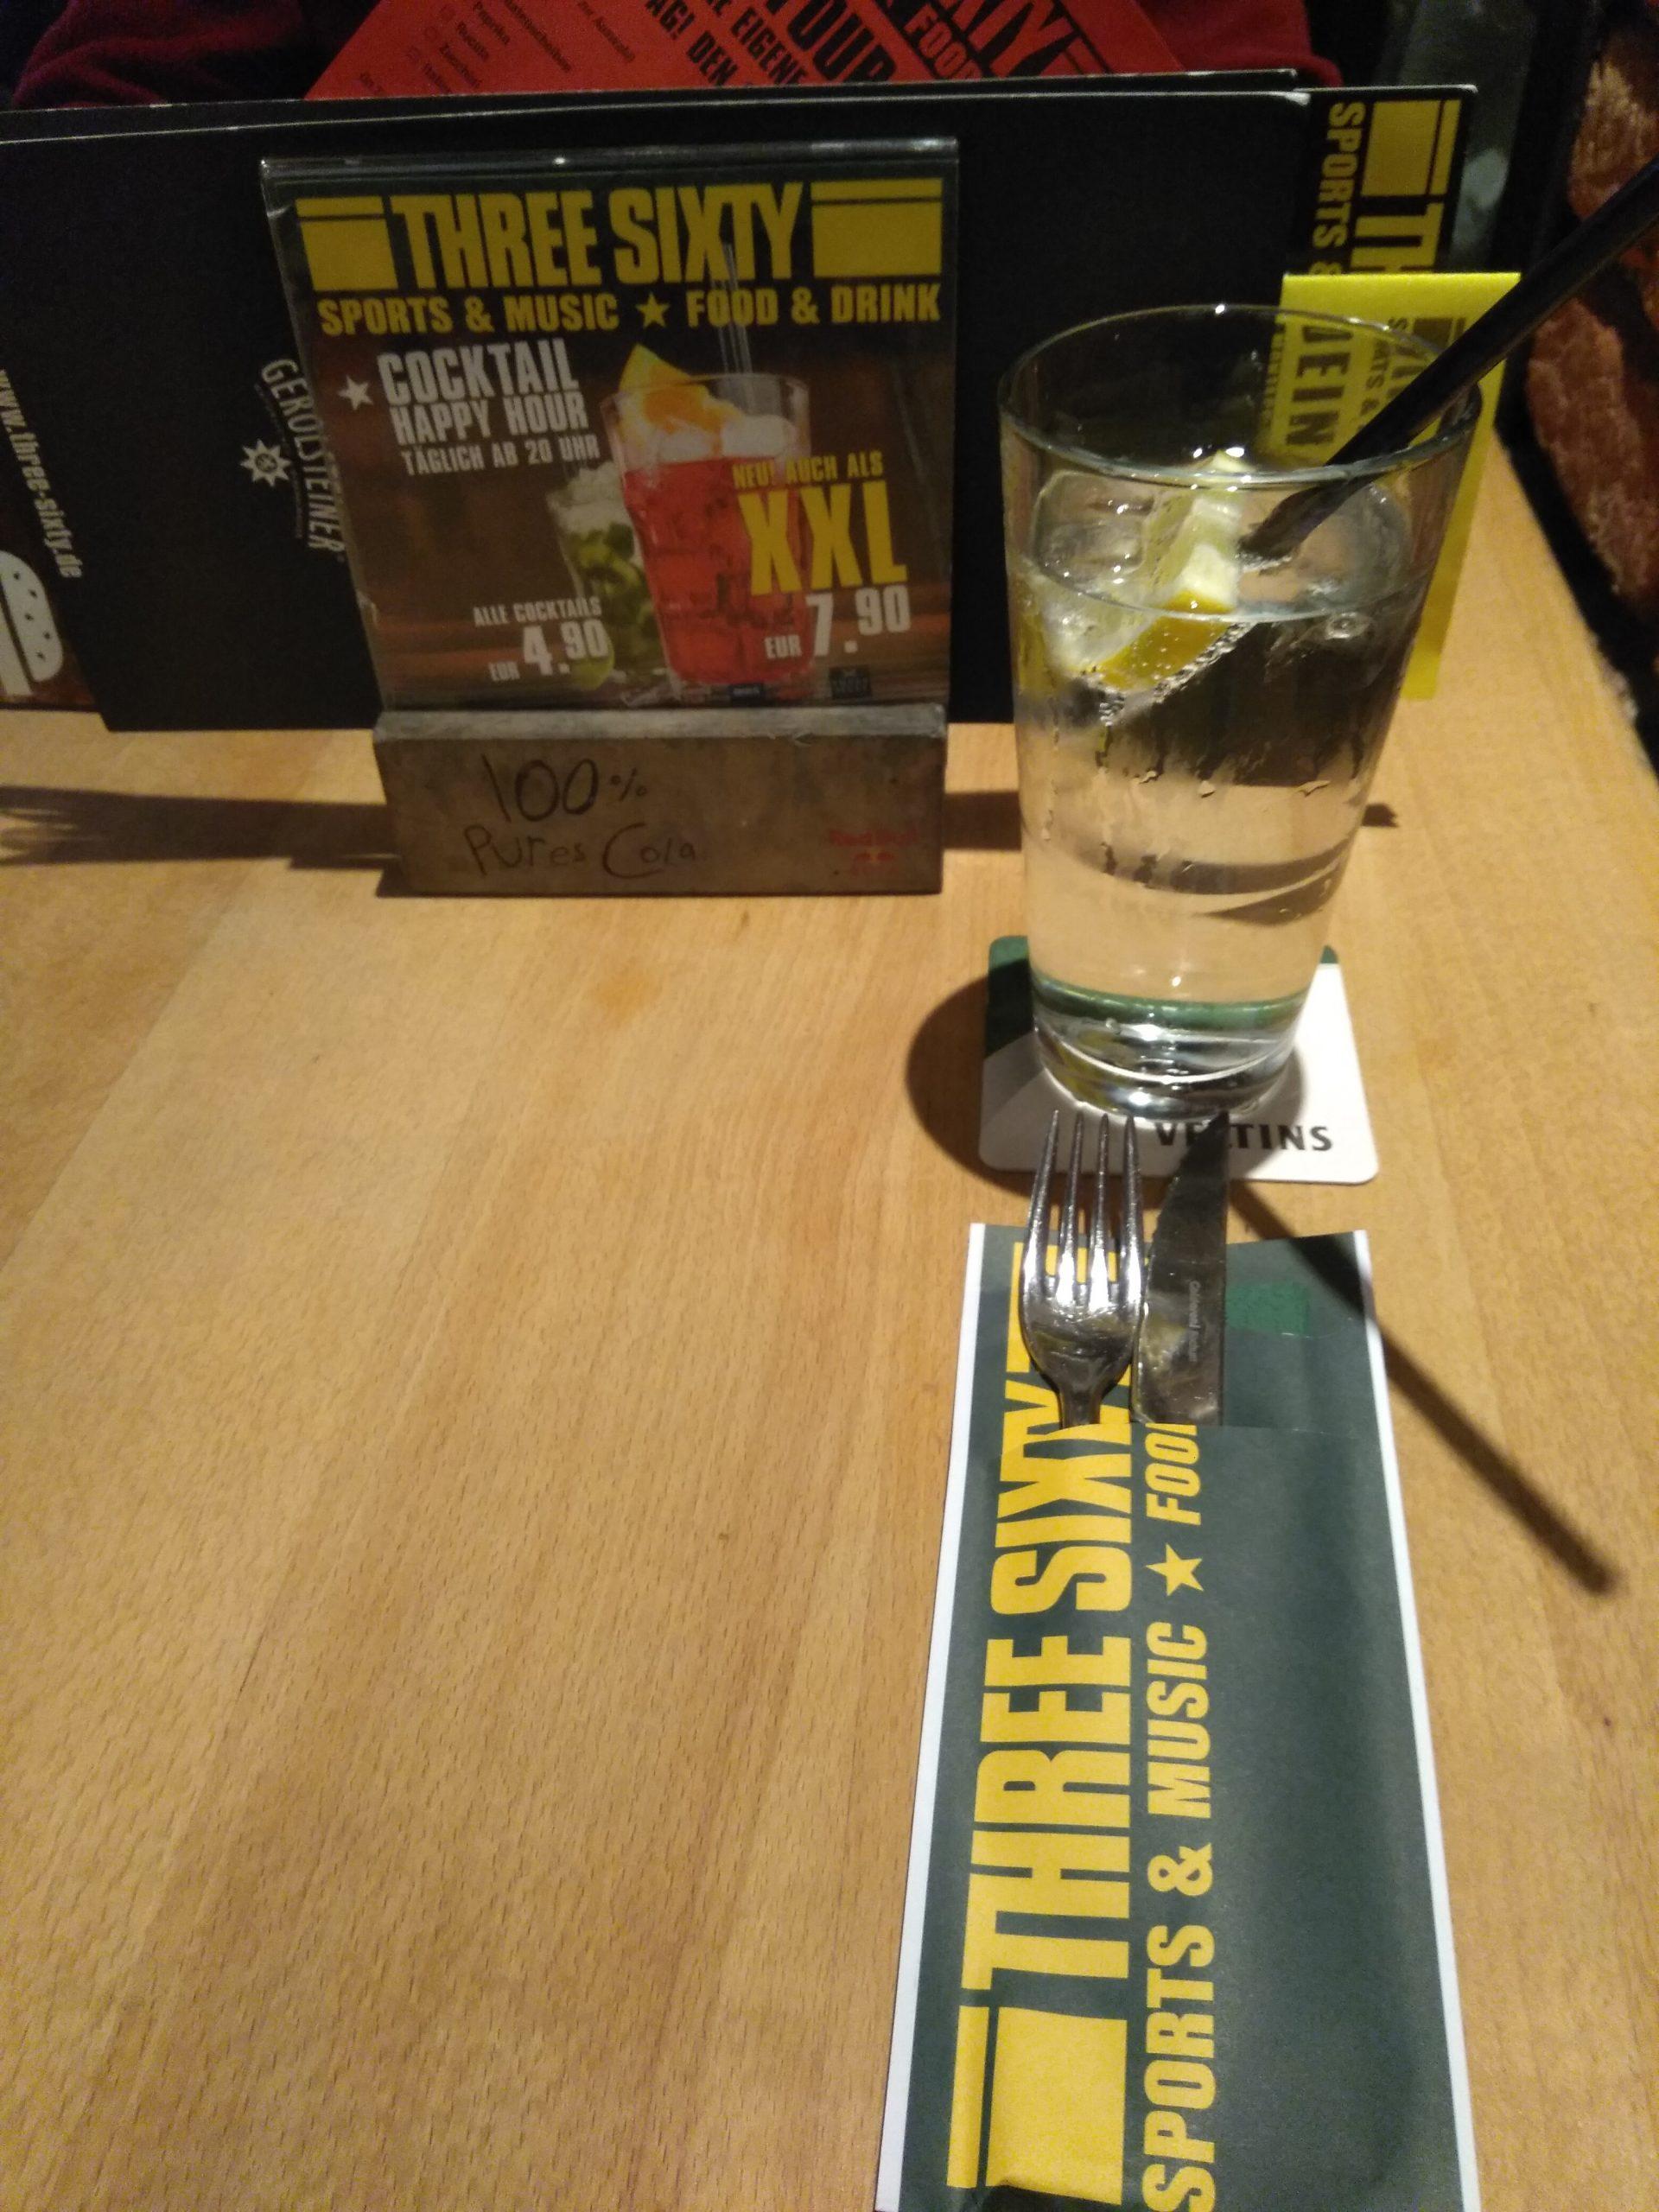 Amerikaans eten bij Three Sixty sportsbar CentrO